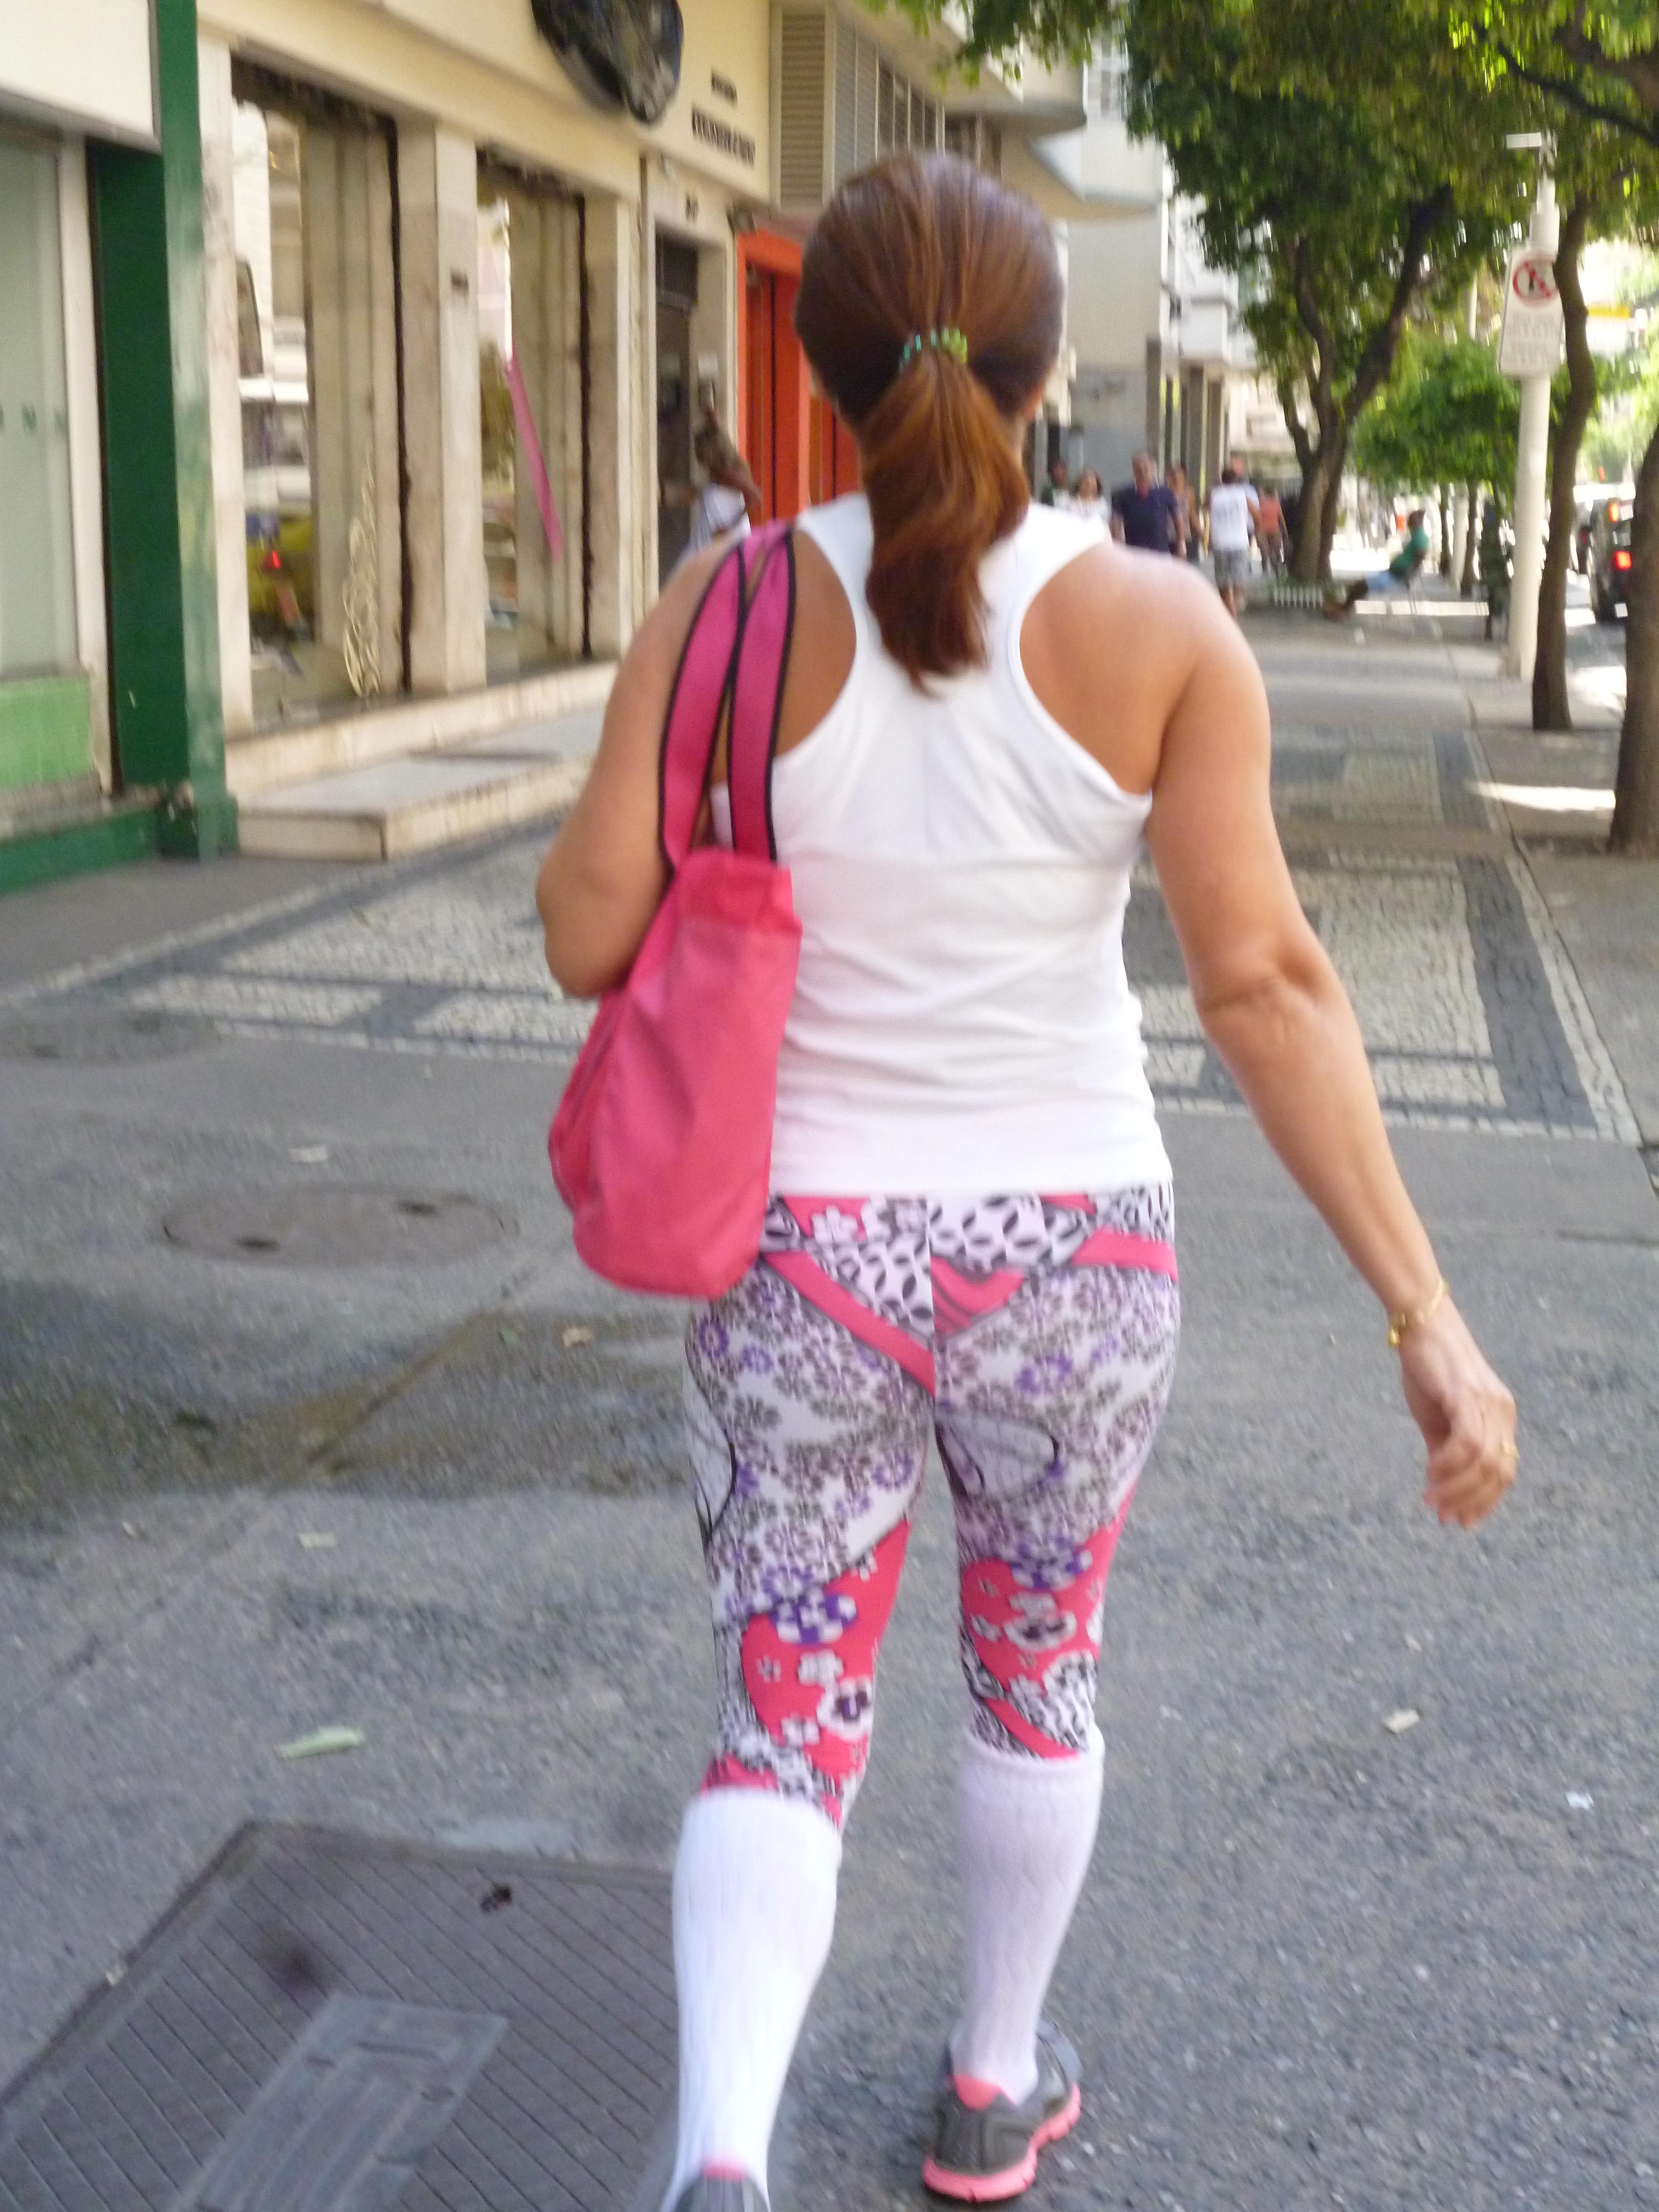 la dernière mode à Rio: un collant tres coloré, des grosses chaussettes blanches montantes, des chaussures de sport fluo